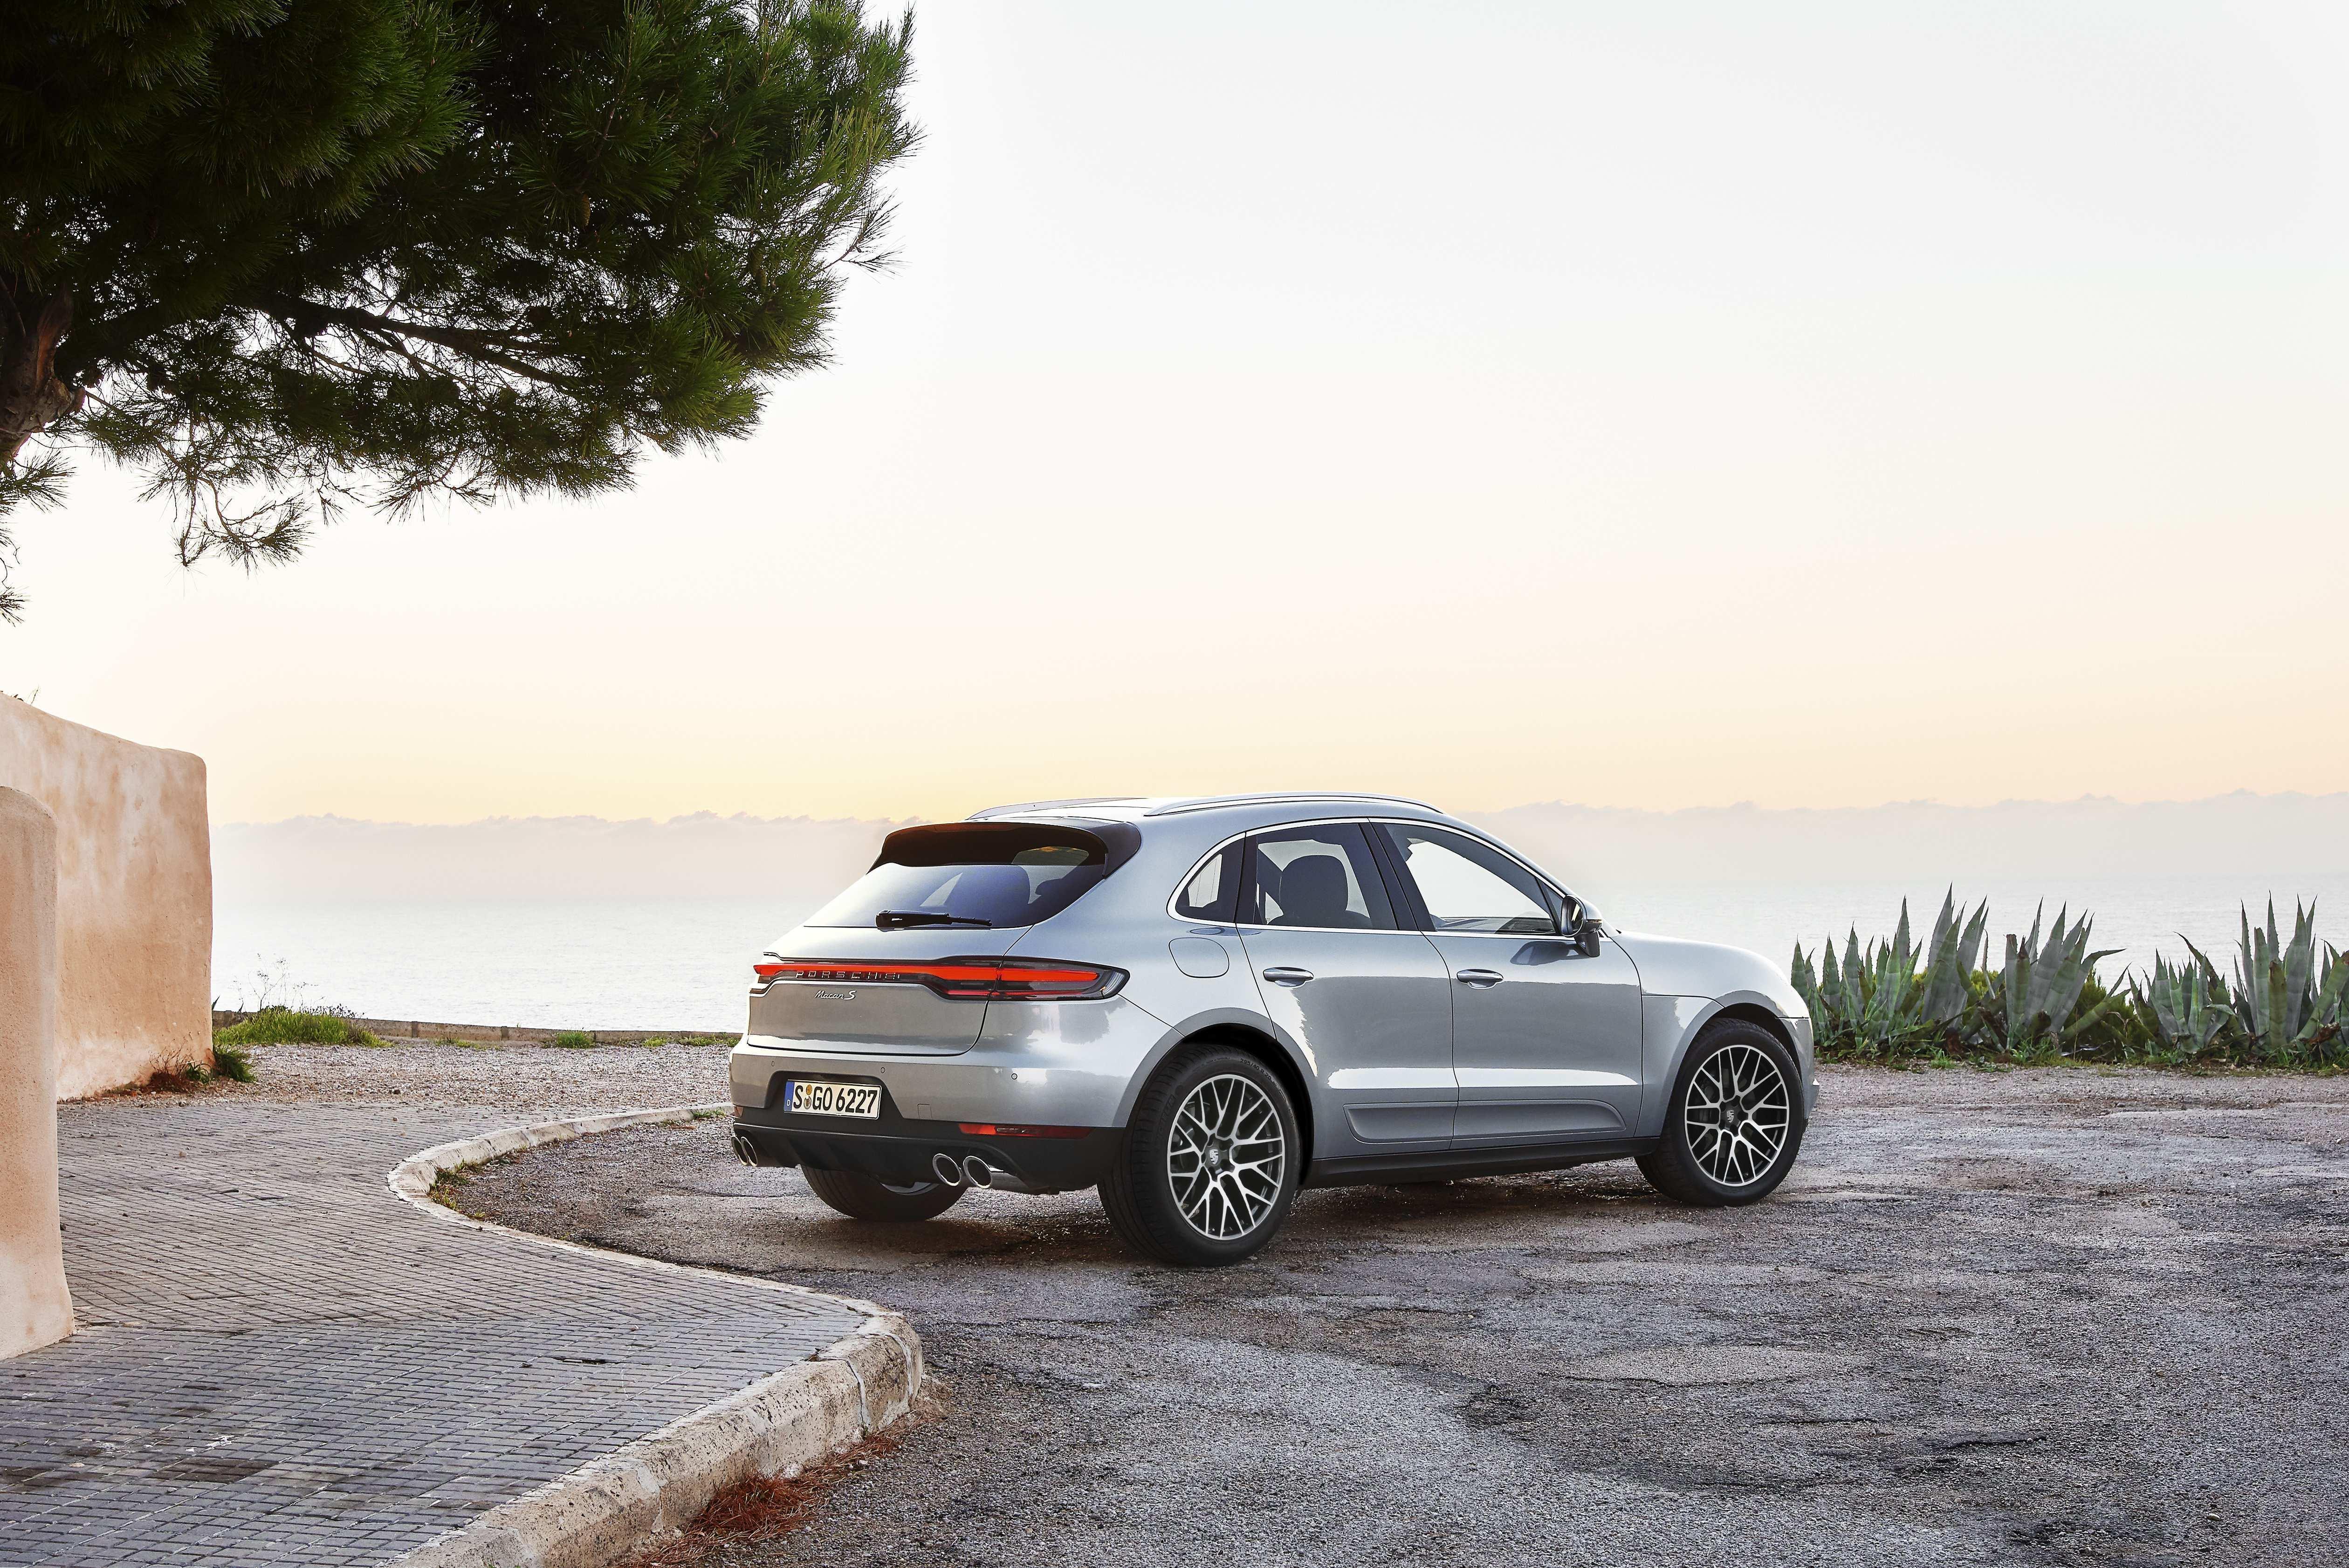 88 New 2020 Porsche Macan Spesification by 2020 Porsche Macan